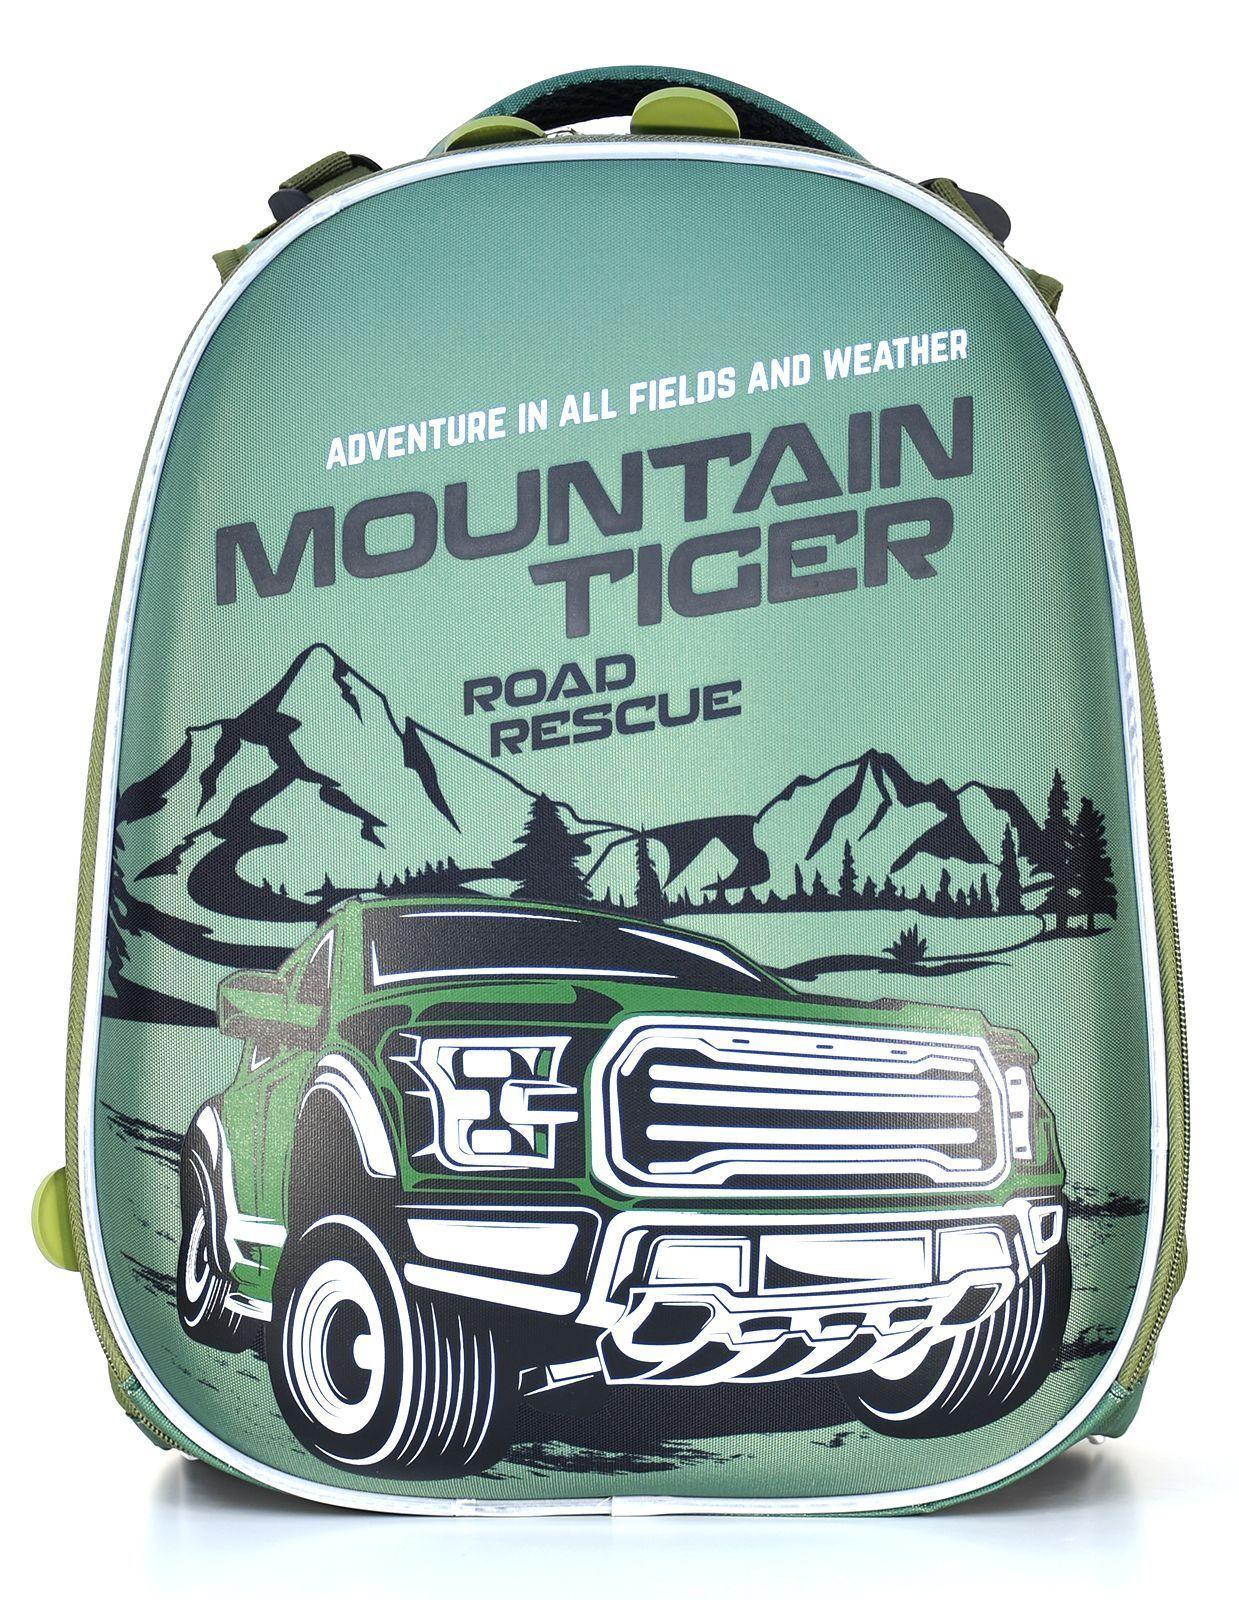 Рюкзак Schoolformat Mountain tiger, модель ERGONOMIC+, жесткий каркас, двухсекционный, 38х30х18 см, 17 л, для мальчиков